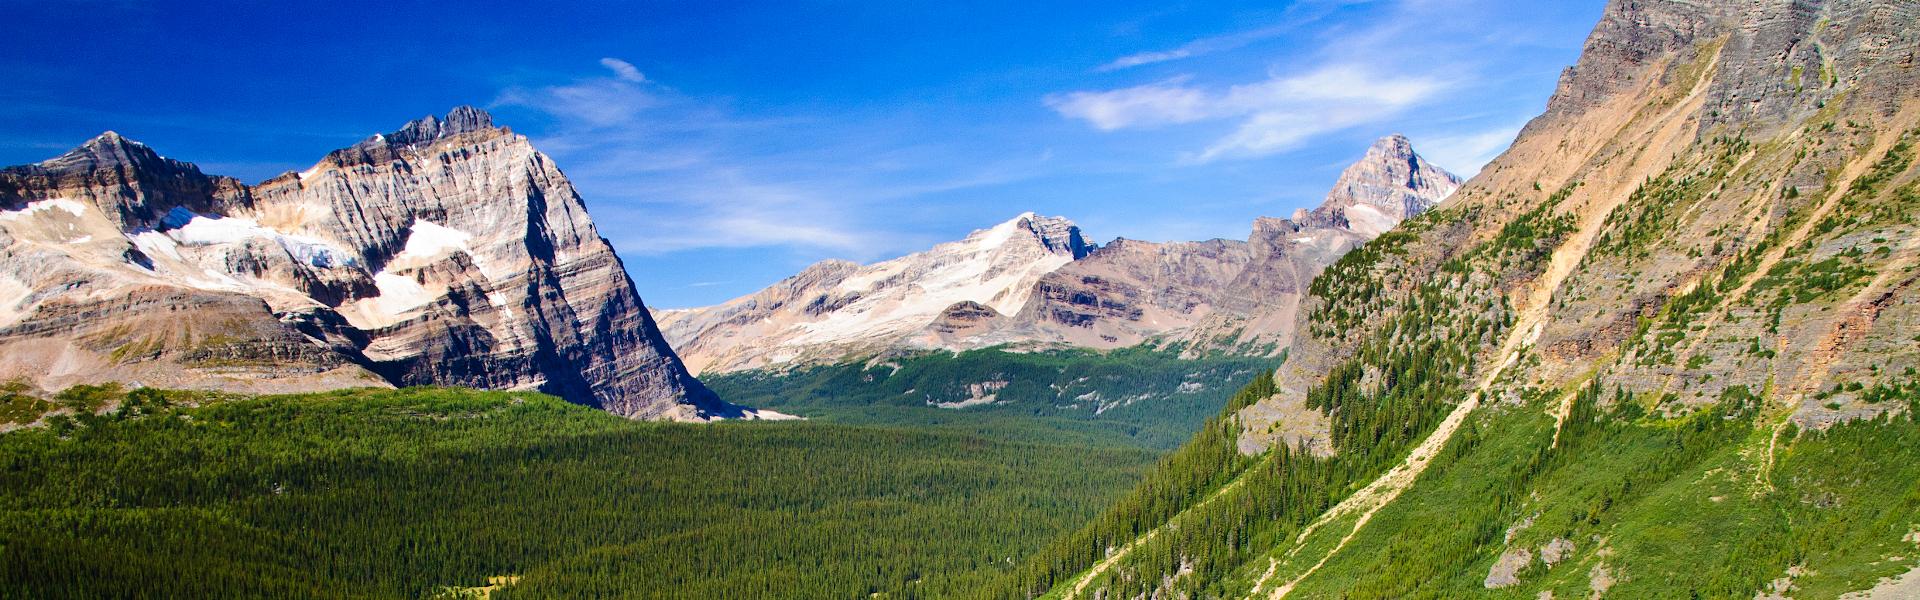 Rund um die kanadischen Rockies